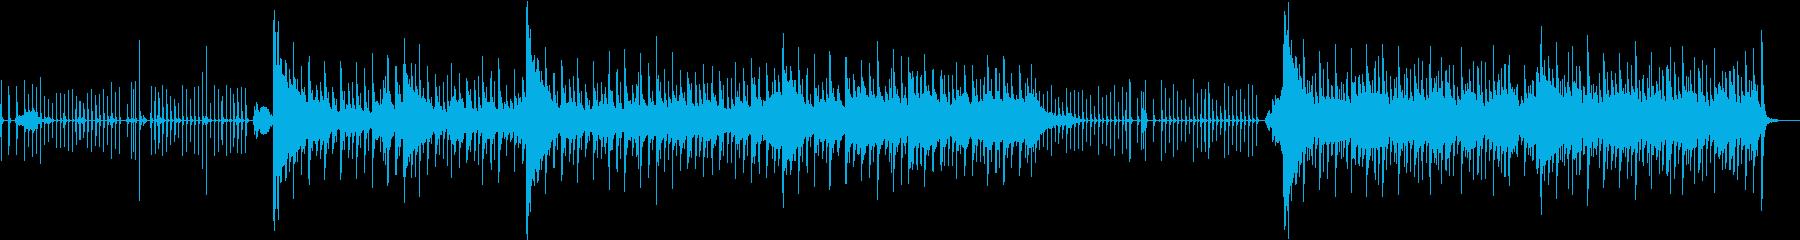 かわいいポップな鉄琴のオーケストラの再生済みの波形